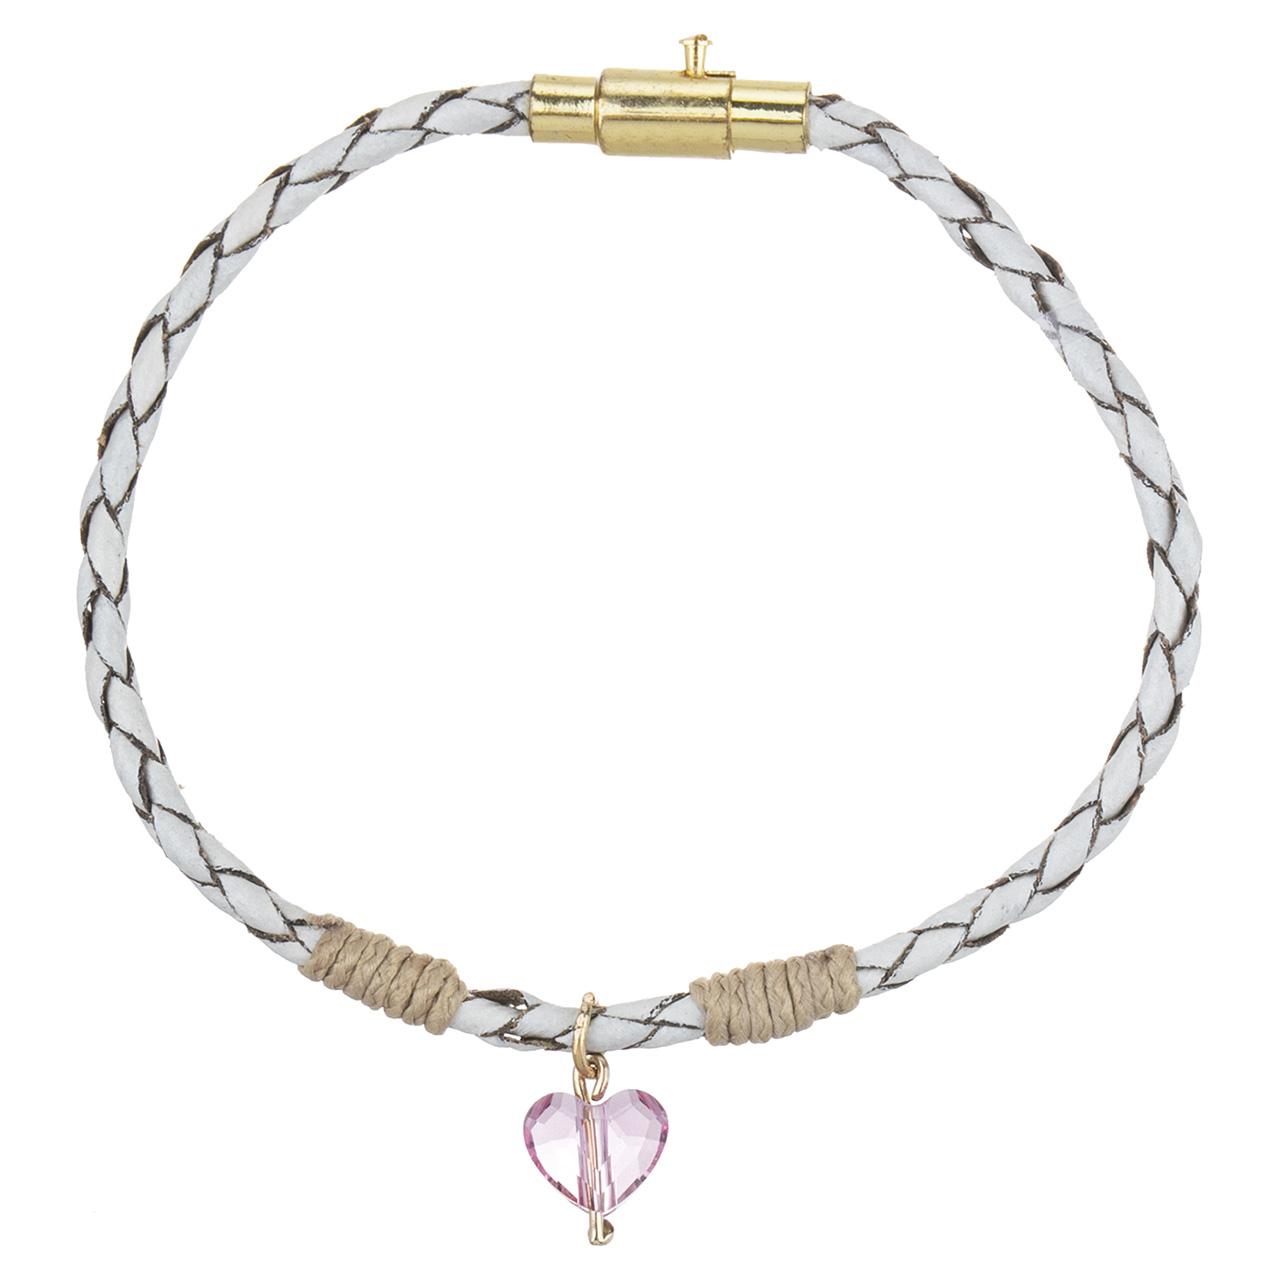 دستبند طلا 18 عیار ماهک مدل MB0860 - مایا ماهک